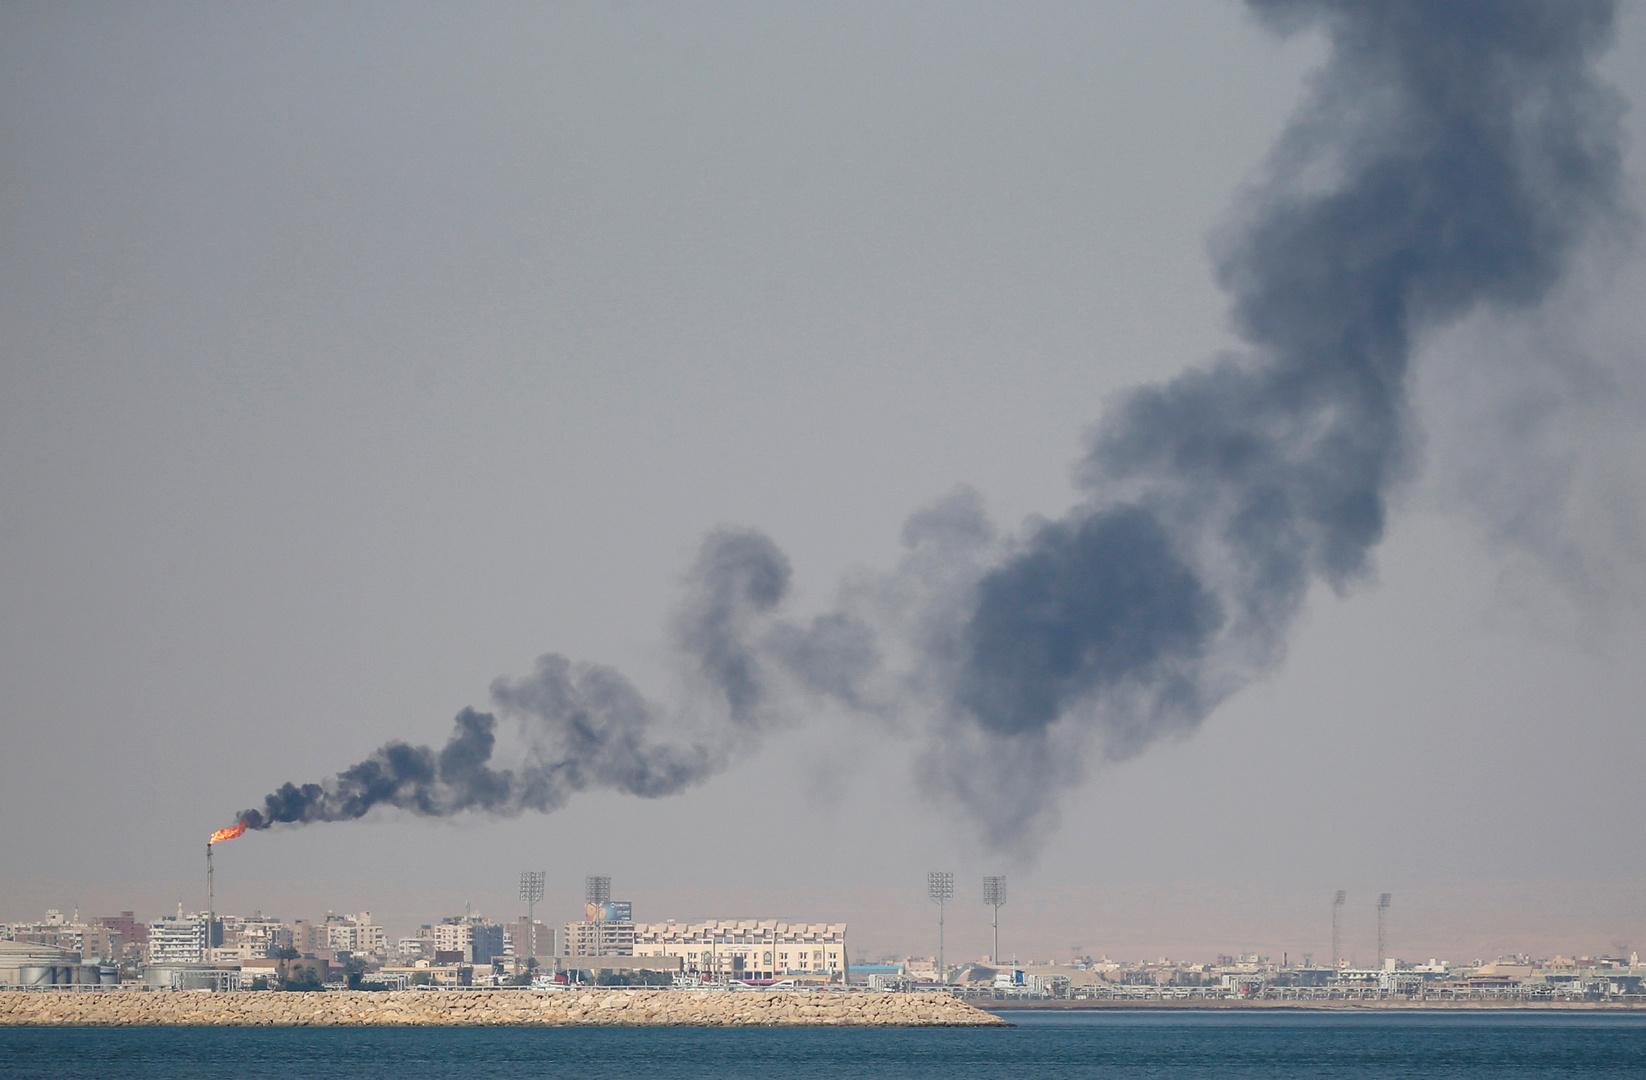 تقرير برلماني: مصر تسير بخطى متسارعة نحو تأمين إمداداتها من الطاقة